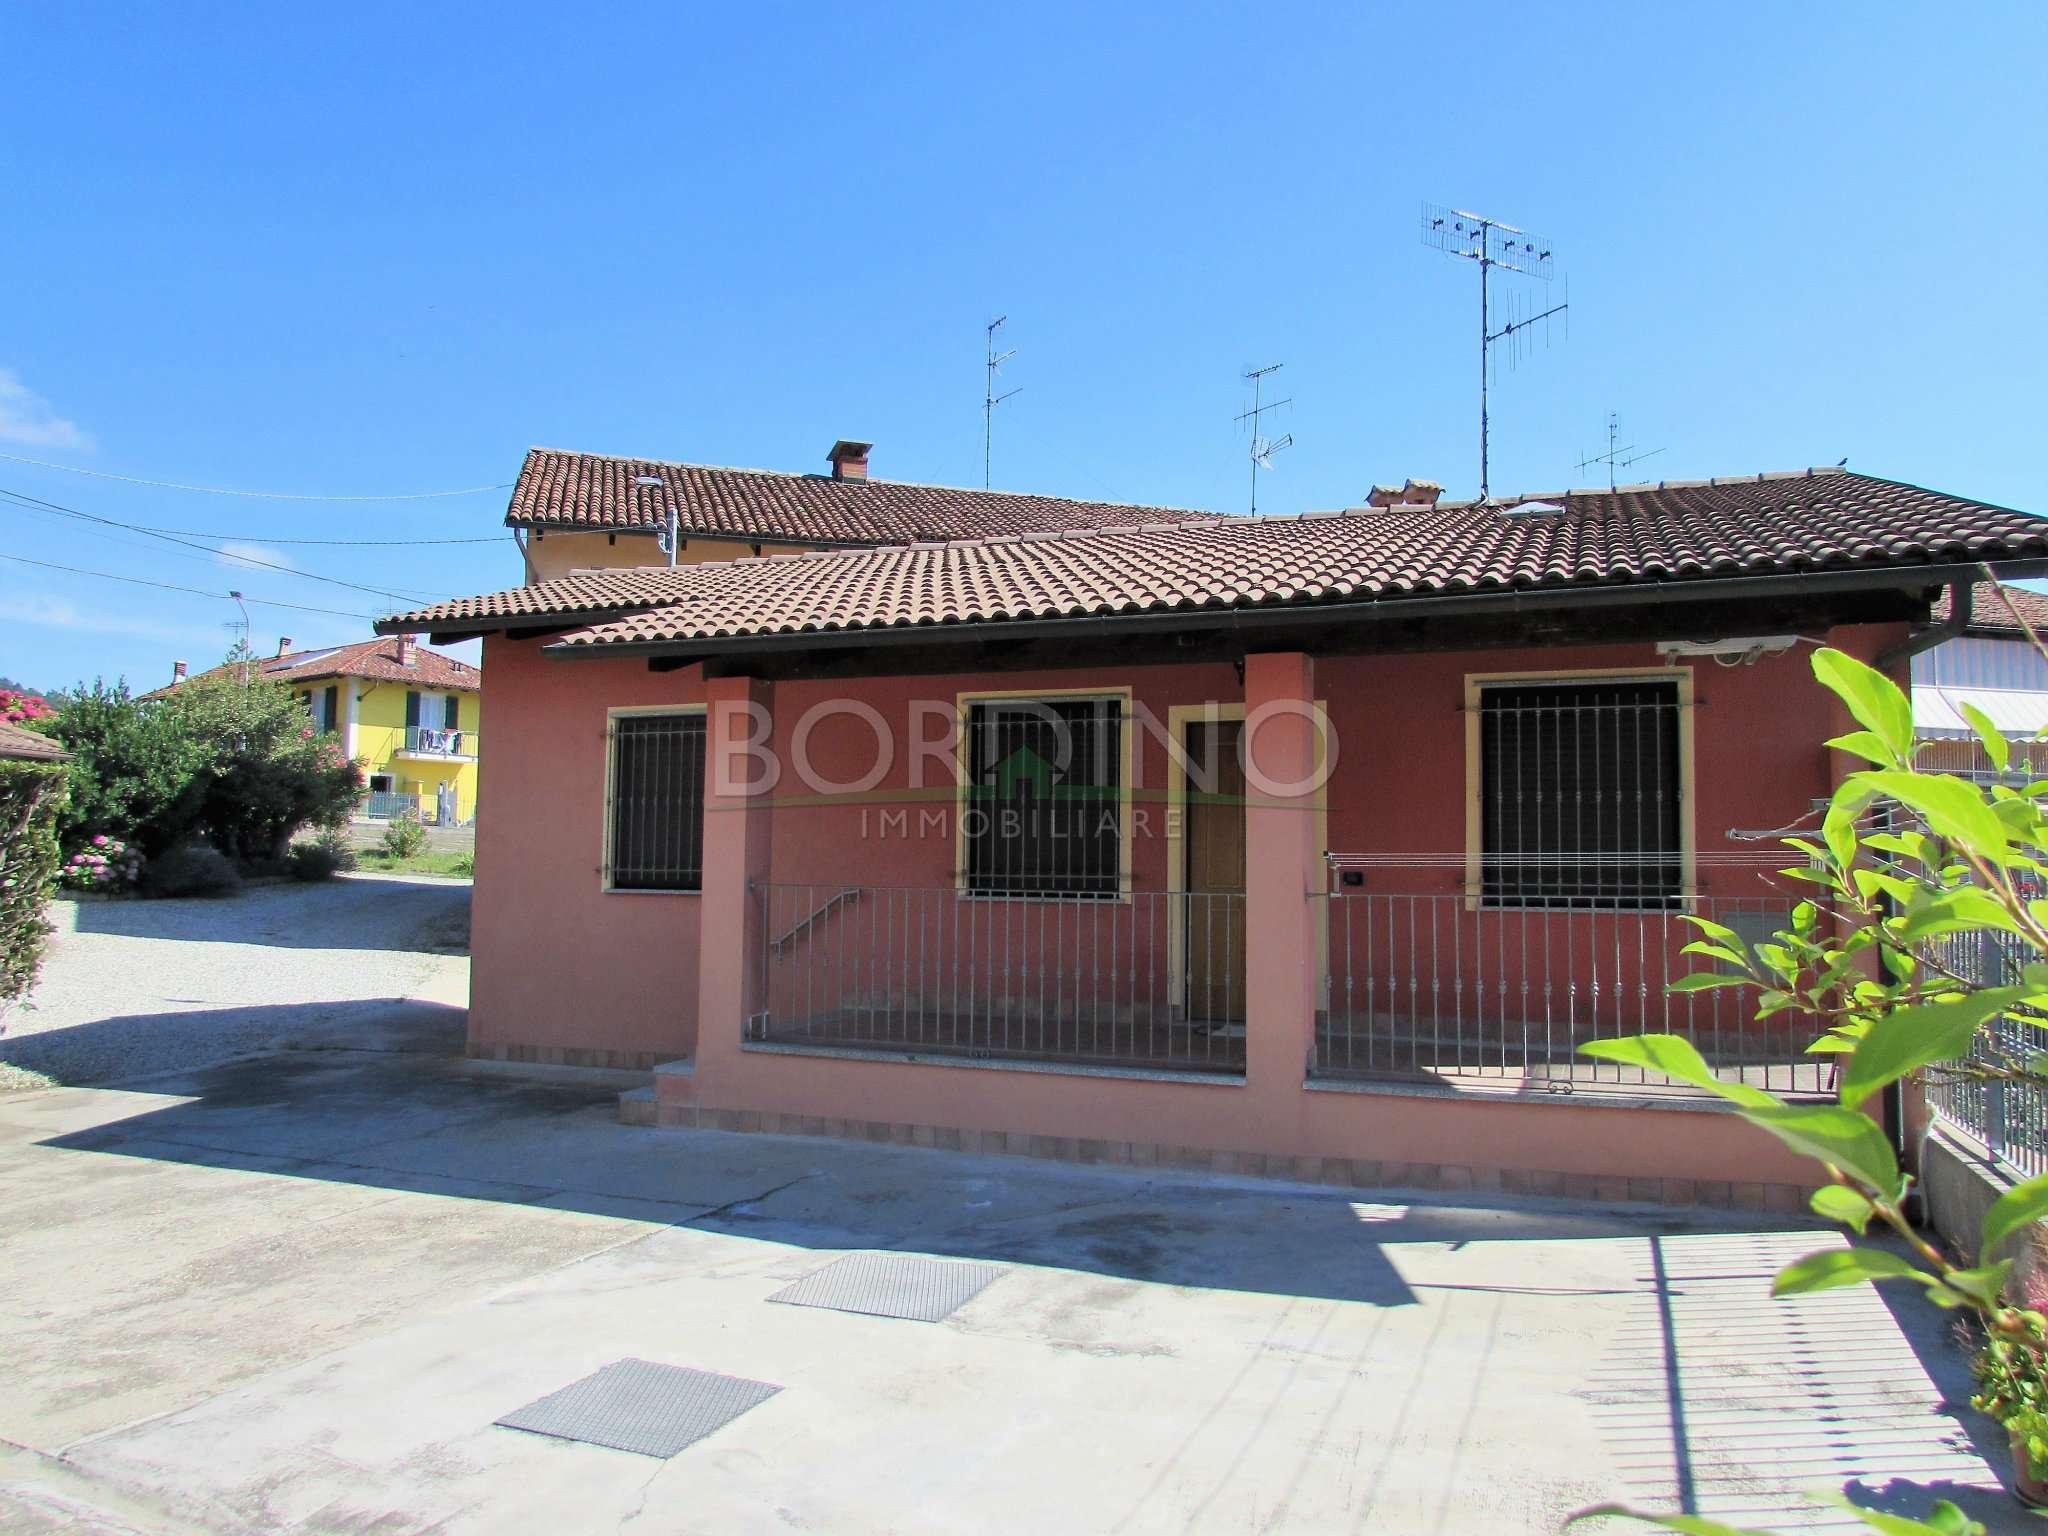 Soluzione Indipendente in vendita a Sommariva Perno, 3 locali, prezzo € 110.000 | PortaleAgenzieImmobiliari.it